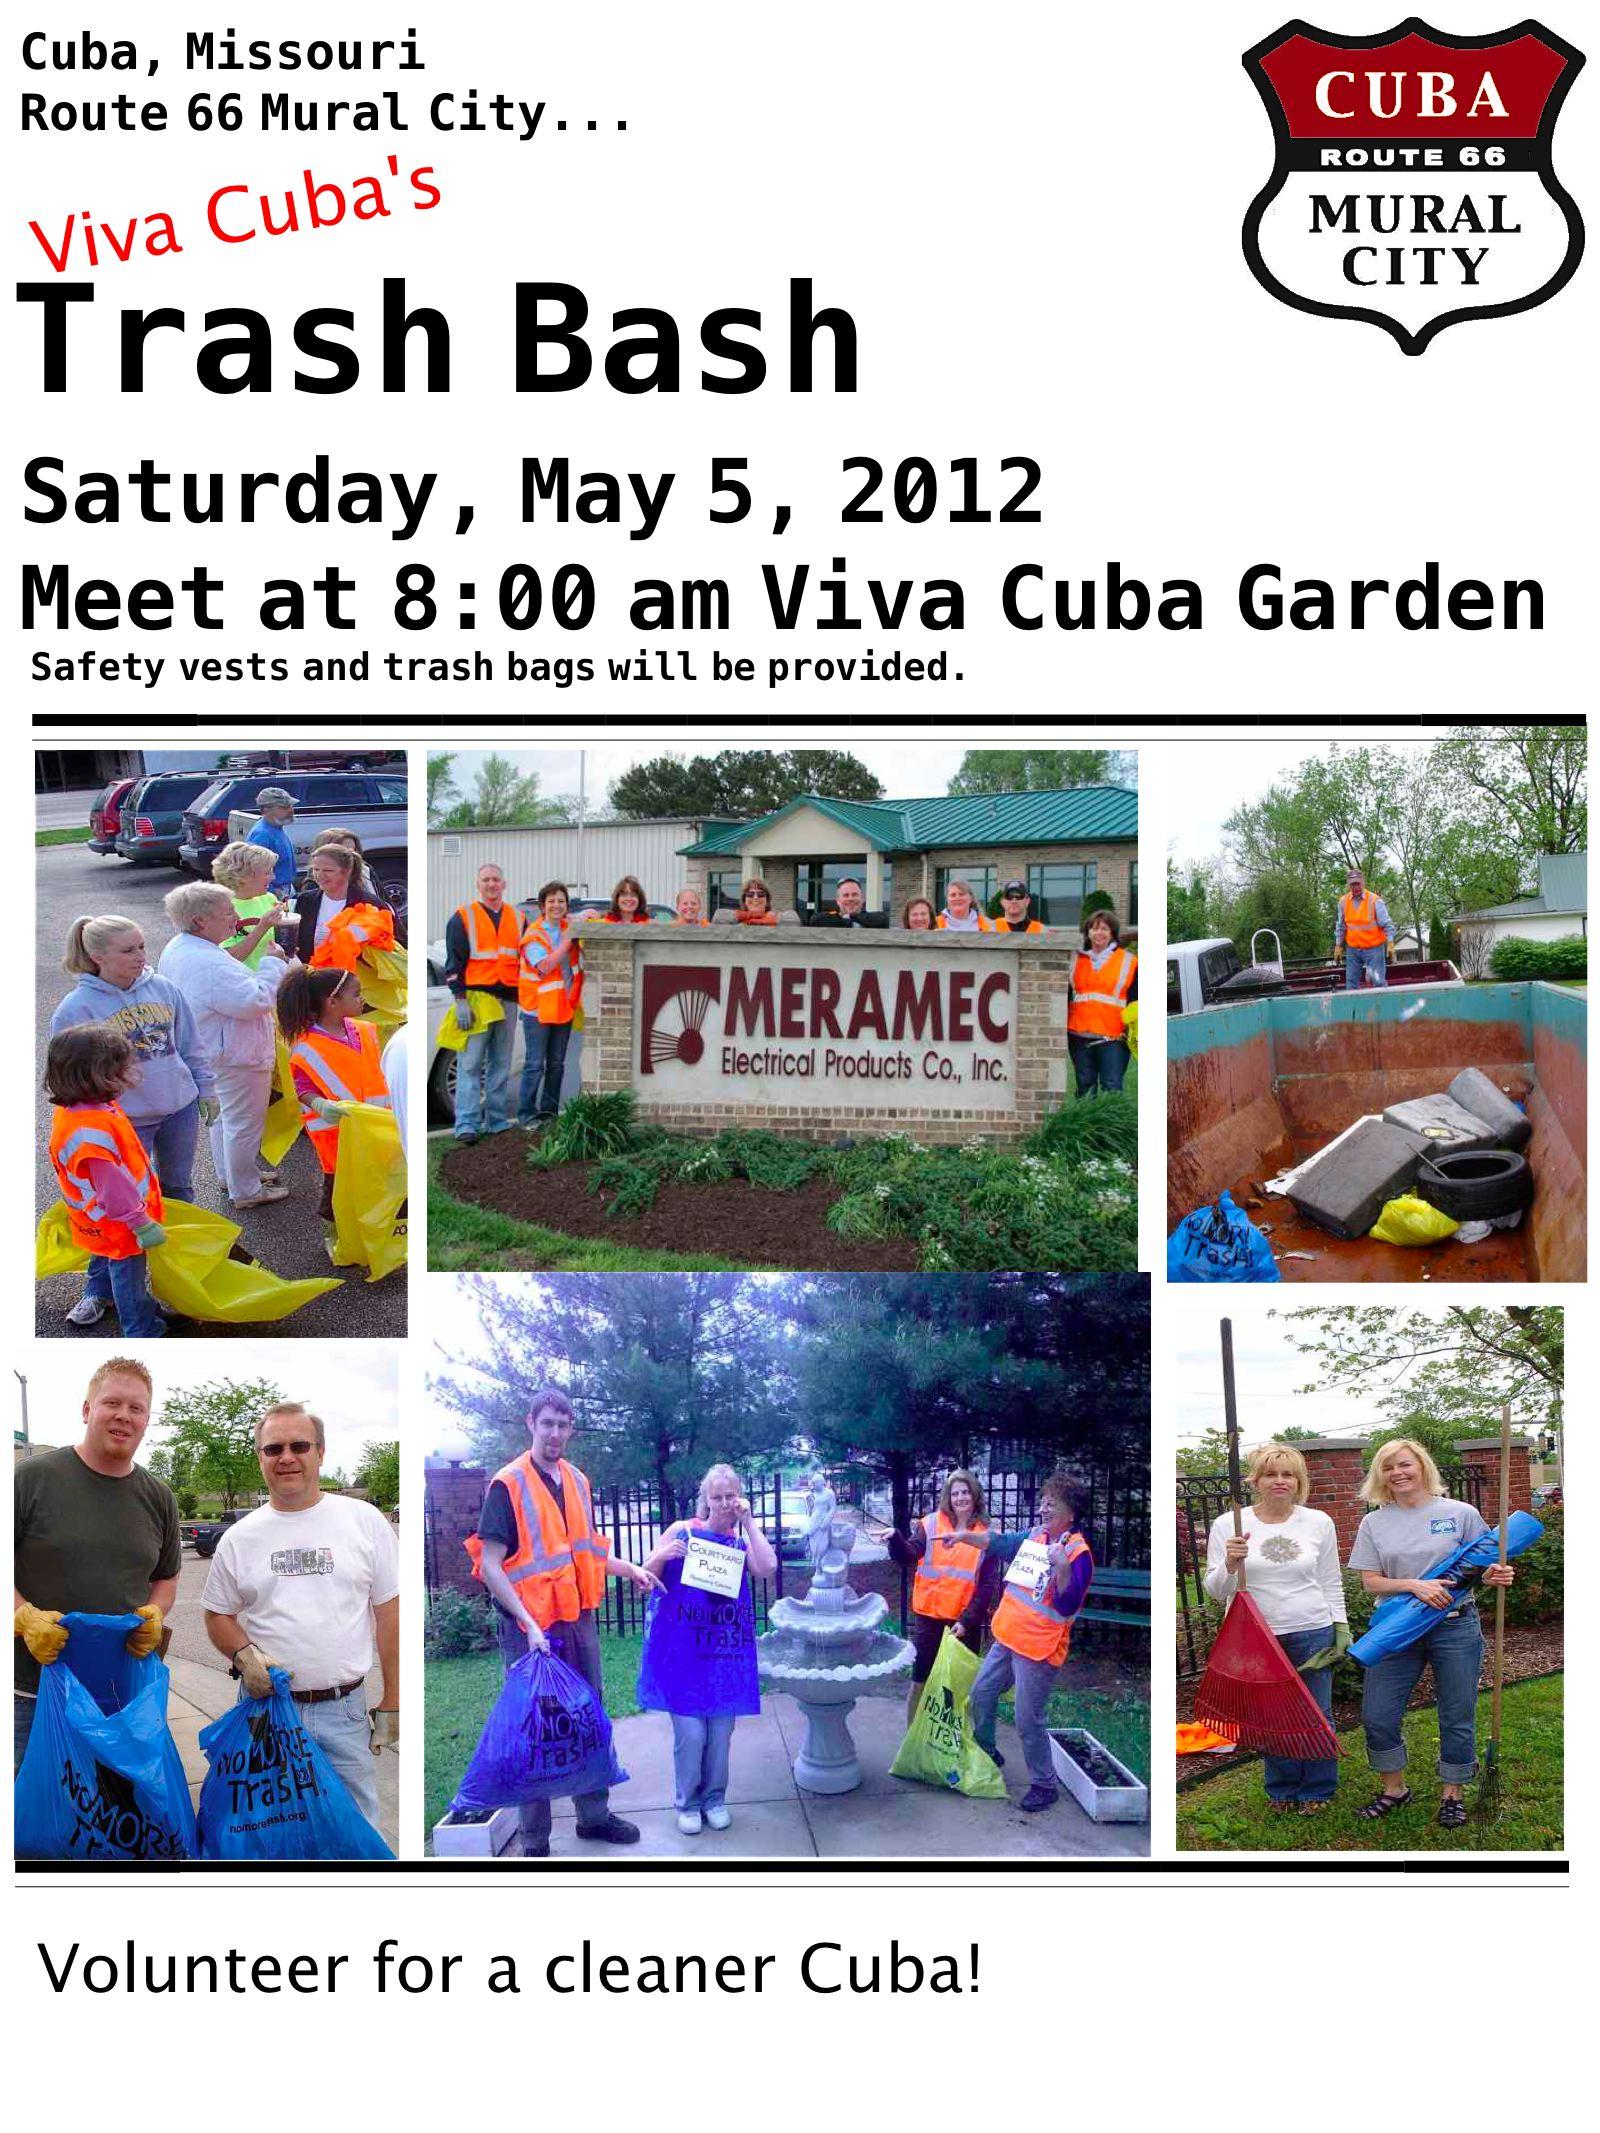 Viva Cuba Trash Bash